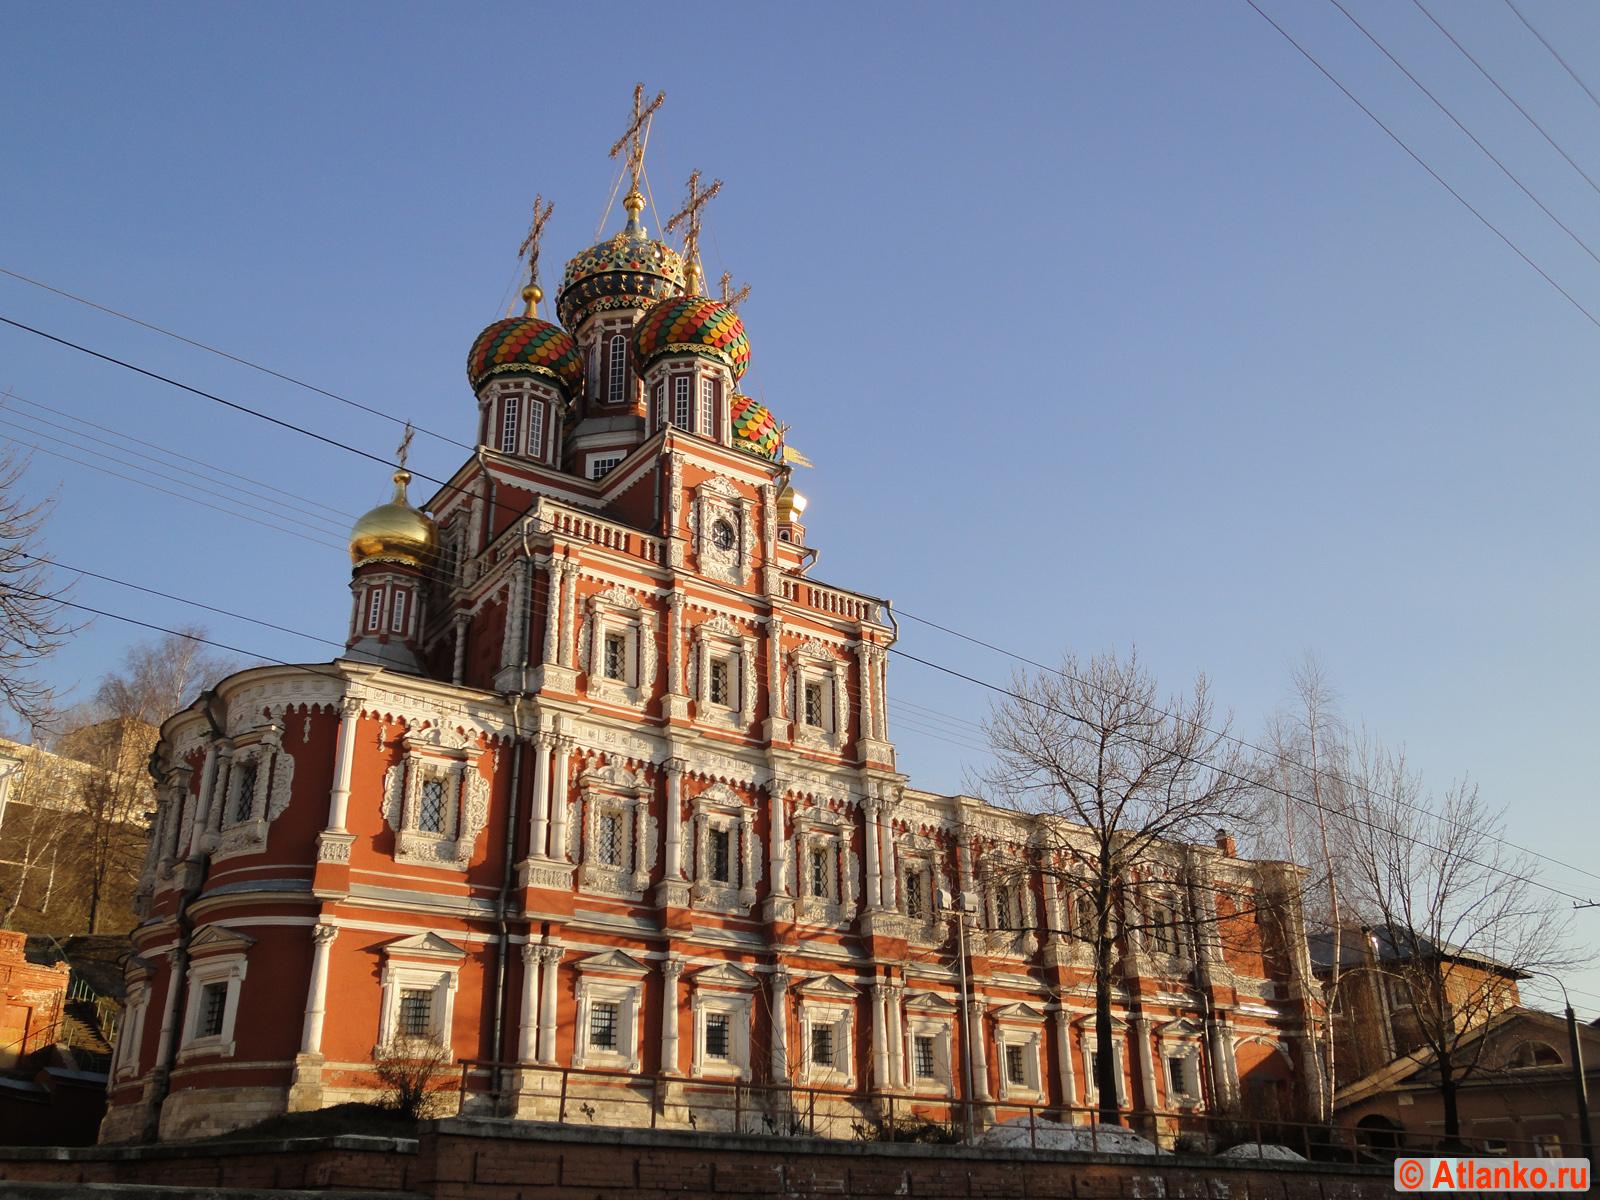 Рождественская (Строгановская) церковь. Нижний Новгород. Фотография